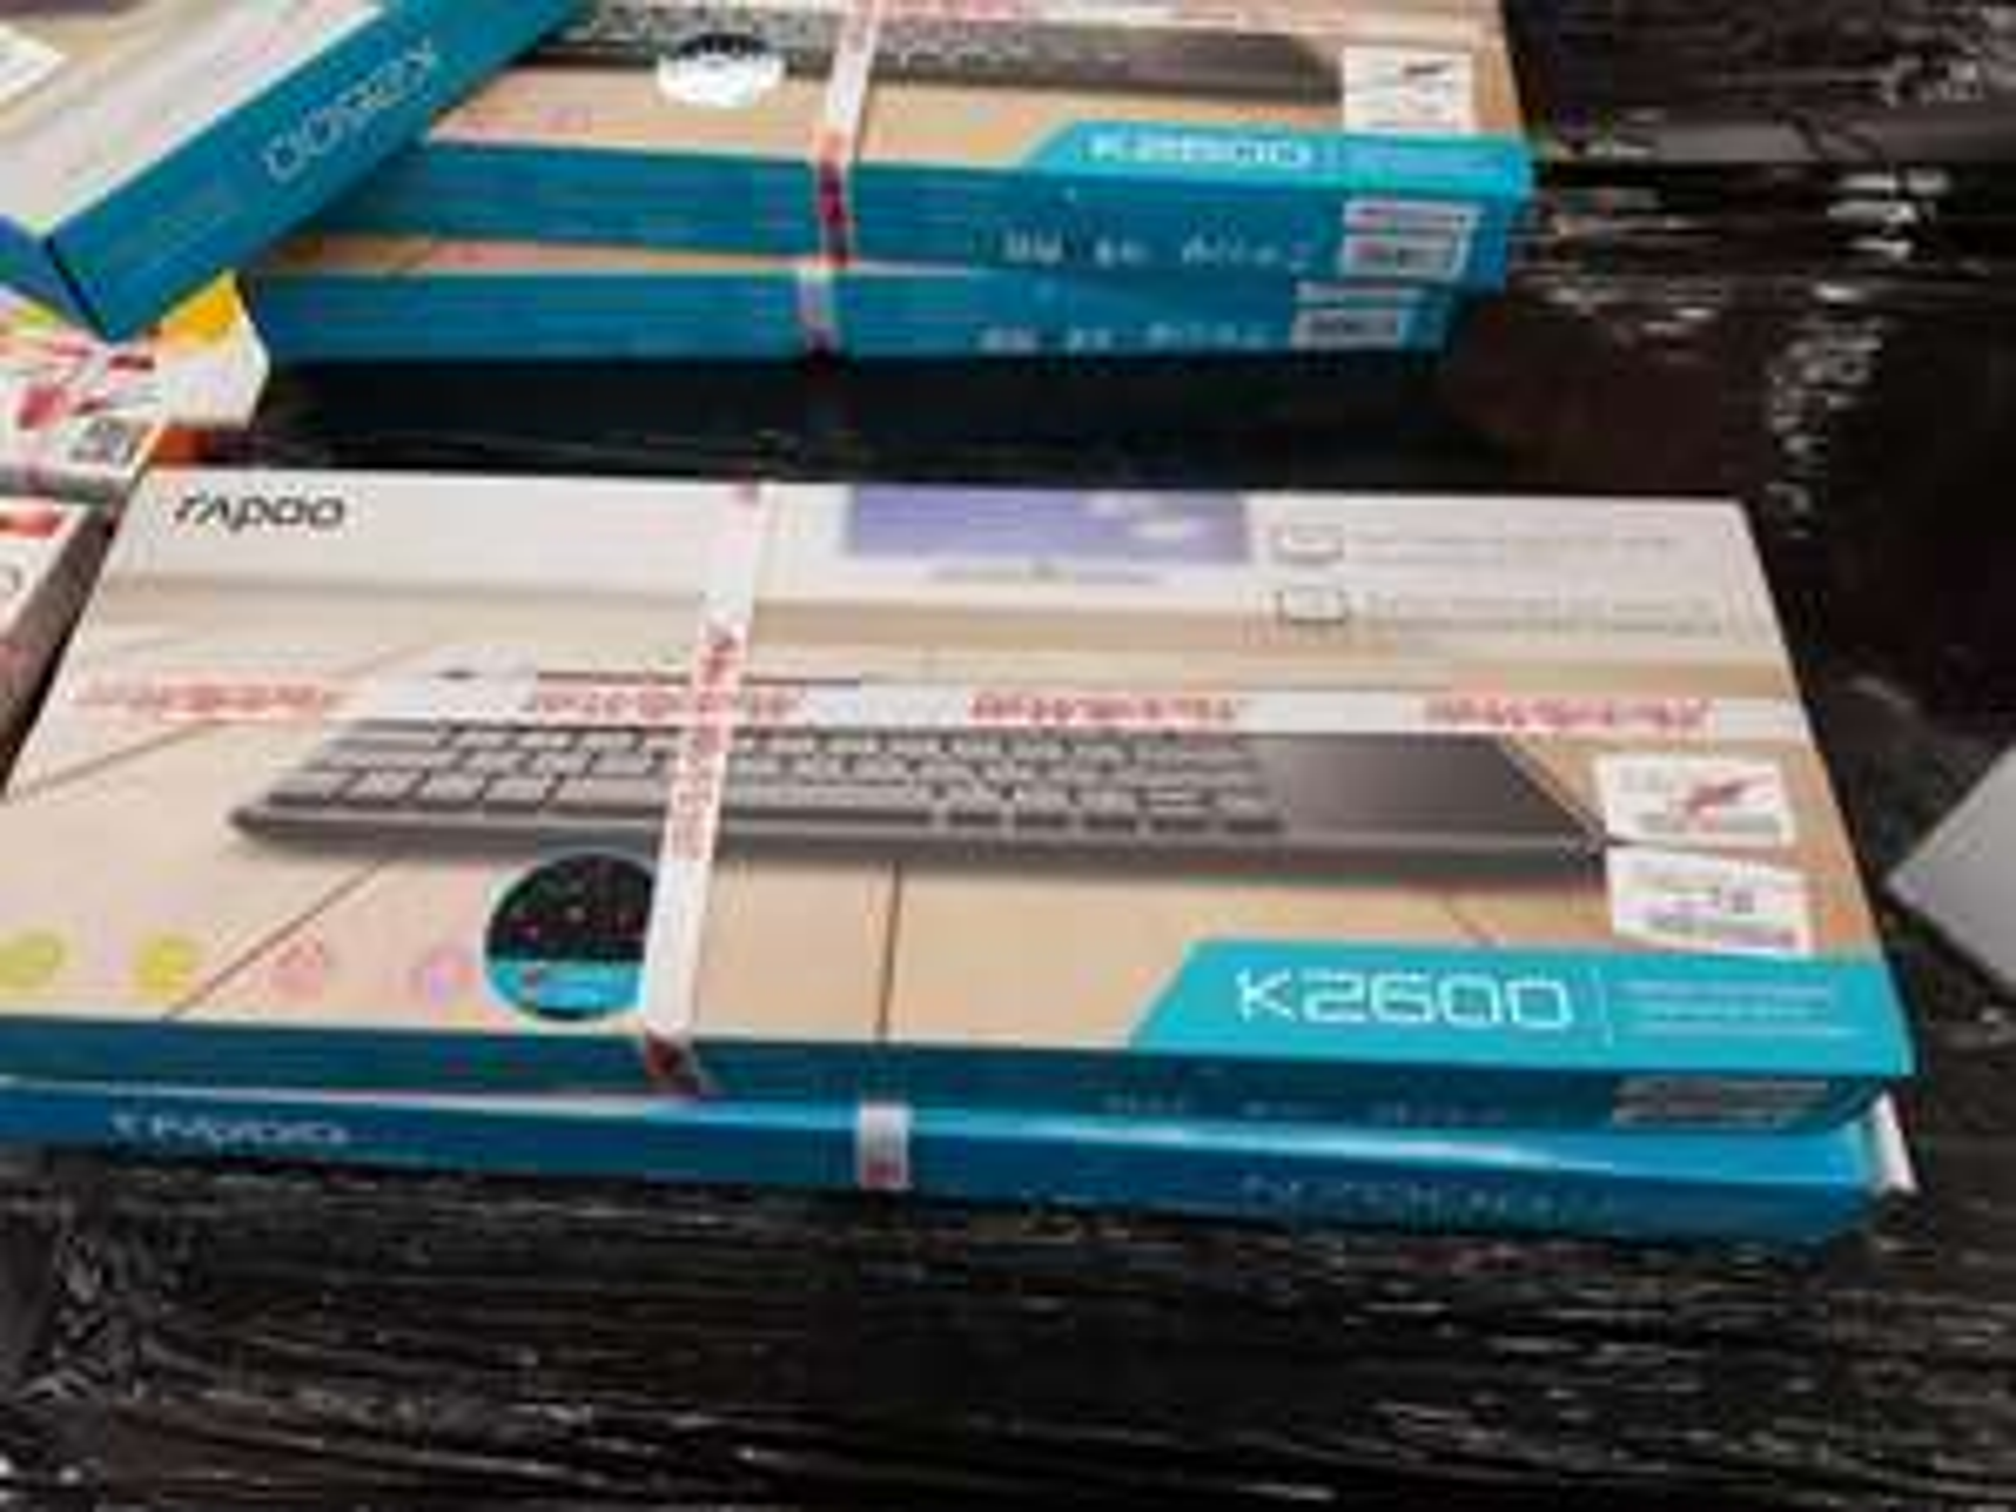 [Lokal MediaMarkt Düsseldorf] rapoo K2600 Funk Tastatur mit Touchpad für nur 17€